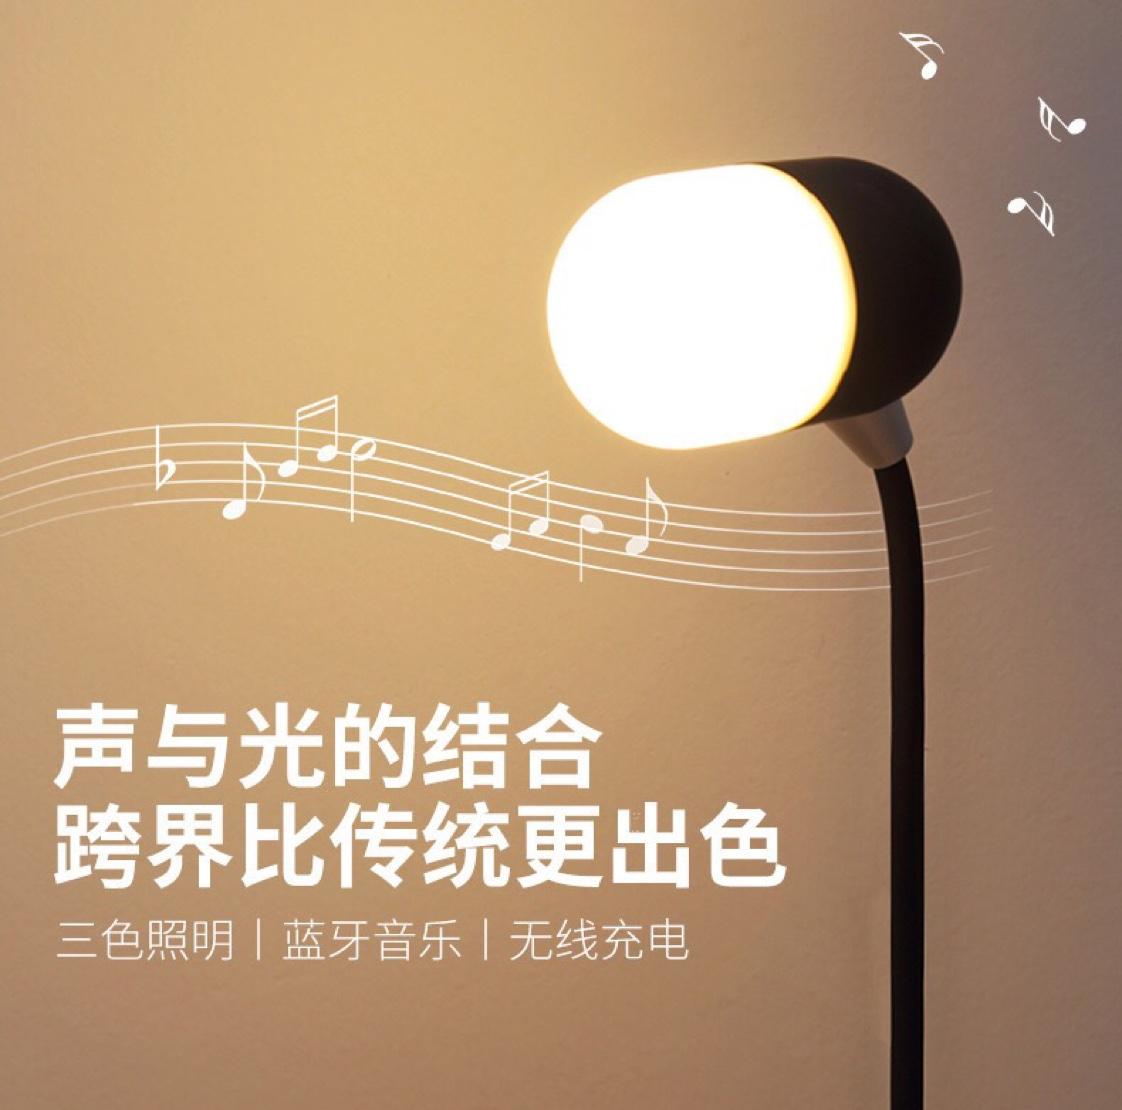 蓝牙音响无线充电多功能小台灯